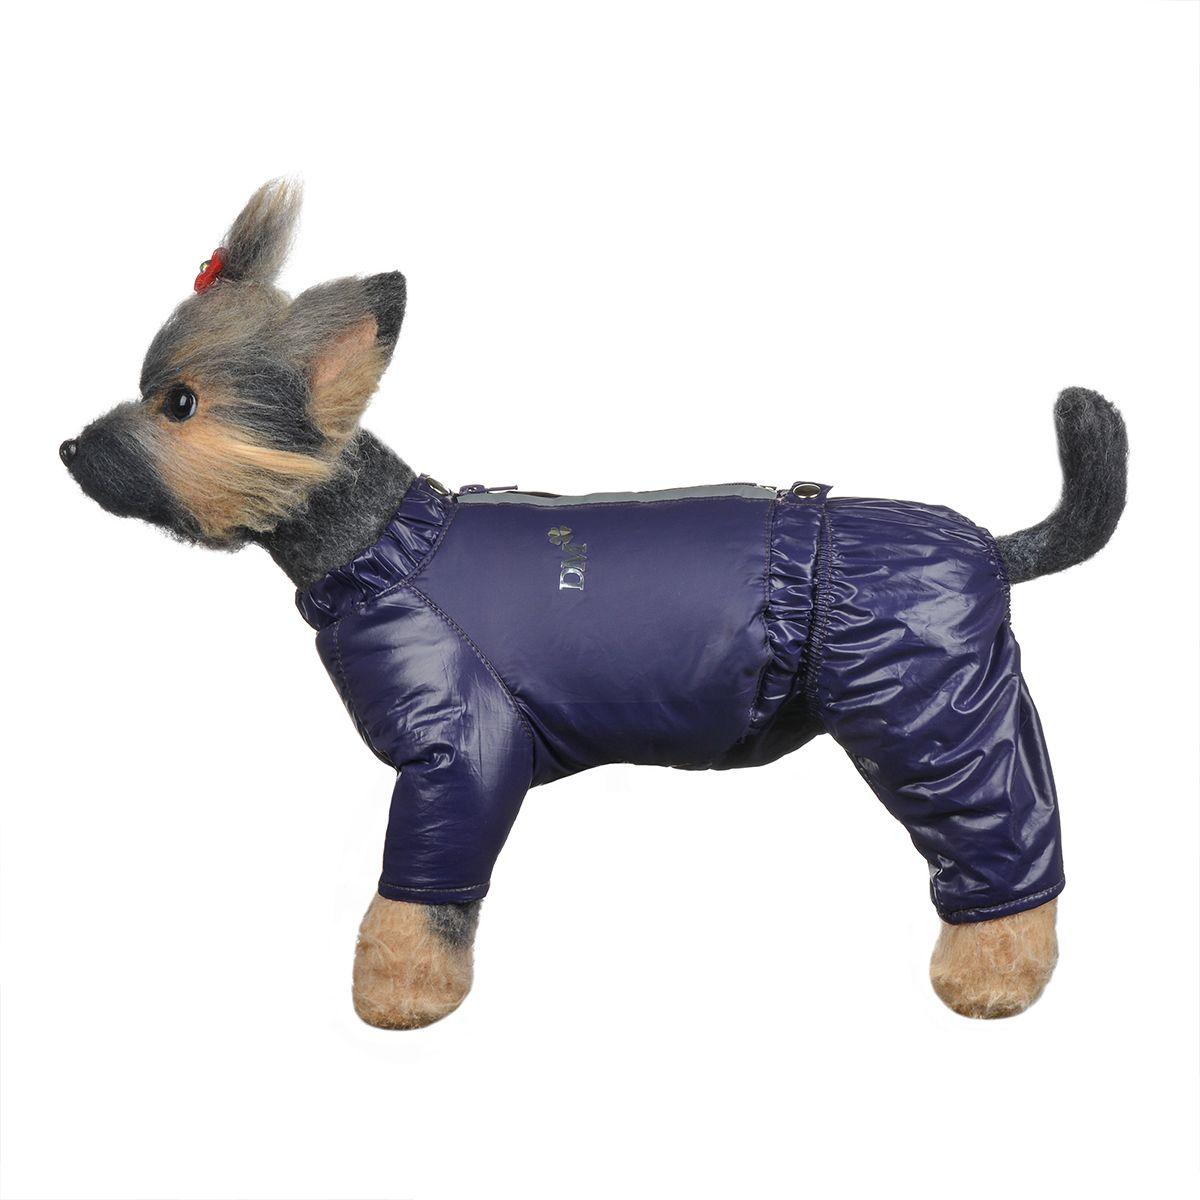 Костюм для собак Dogmoda Дублин, зимний, для девочки, цвет: фиолетовый, розовый. Размер 1 (S)0120710Зимний костюм для собак Dogmoda Дублин отлично подойдет для прогулок в зимнее время года.Костюм состоит из куртки и брюк на лямках, которые изготовлены из полиэстера, защищающего от ветра и снега, с утеплителем из синтепона, который сохранит тепло даже в сильные морозы, а на подкладке используется искусственный мех, который обеспечивает отличный воздухообмен. Куртка застегивается на молнию и кнопки. На молнии имеются светоотражающие элементы. Ворот и низ изделия оснащены внутренними резинками, которые мягко обхватывают тело, не позволяя просачиваться холодному воздуху. Куртка декорирована серебристой надписью DM.Эластичные лямки брюк имеют перфорацию. Их длина регулируется при помощи пуговиц. Брюки застегиваются на кнопки и имеют на пояснице внутреннюю резинку, которая не позволит просачиваться холодному воздуху. Изделие декорировано серебристой надписью DM.Благодаря такому костюму простуда не грозит вашему питомцу.